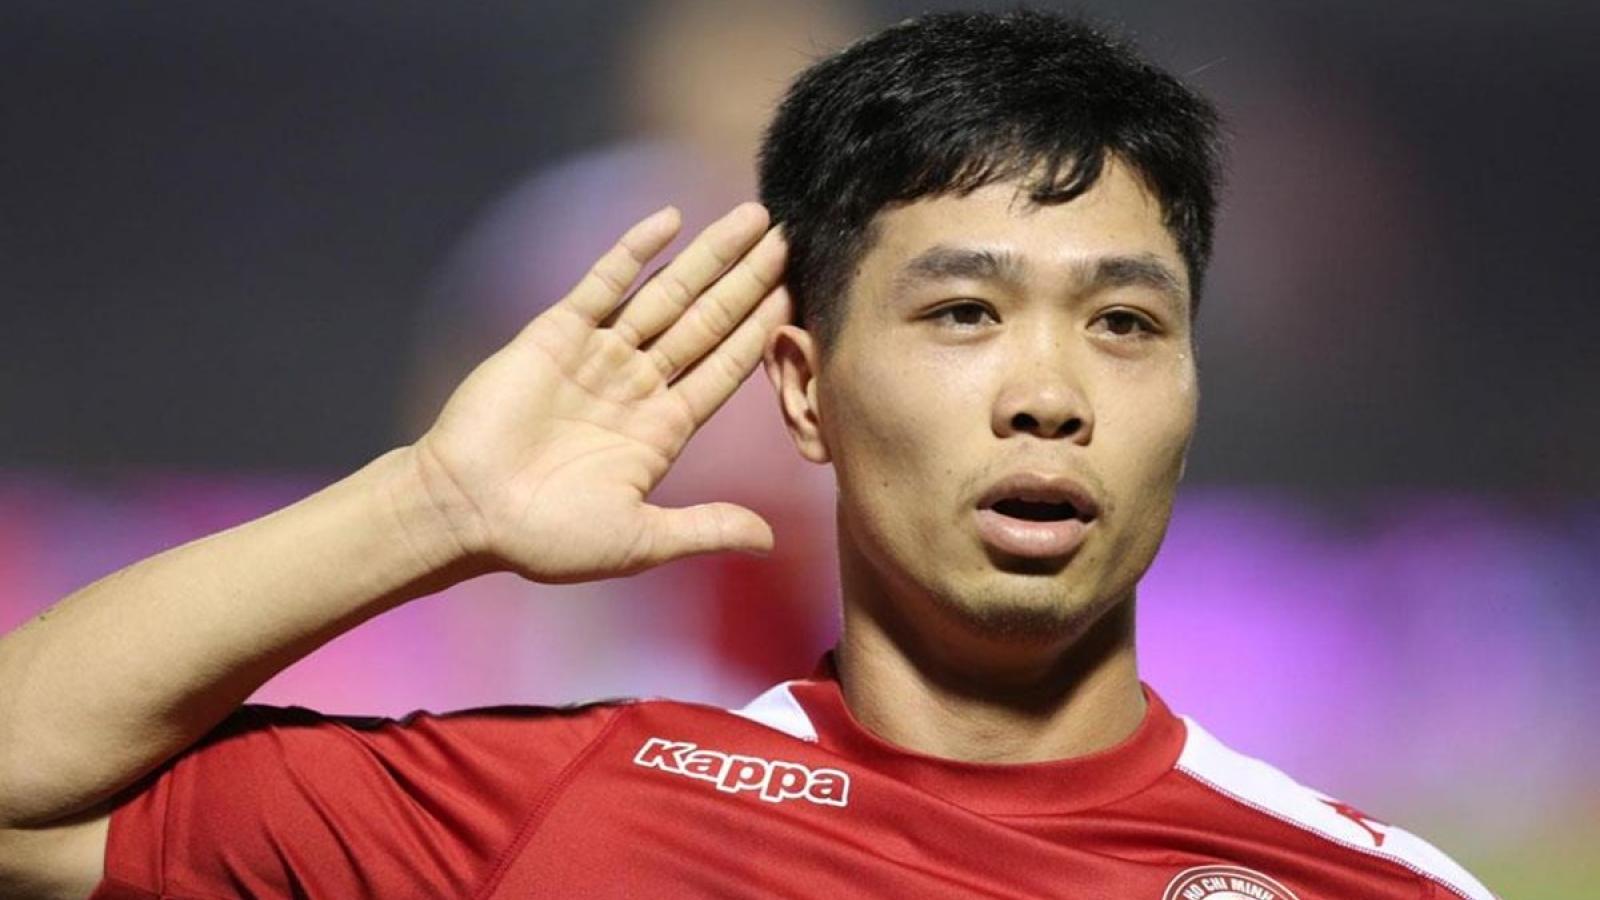 Điểm danh những ngôi sao đáng xem nhất ở vòng 6 V-League 2020